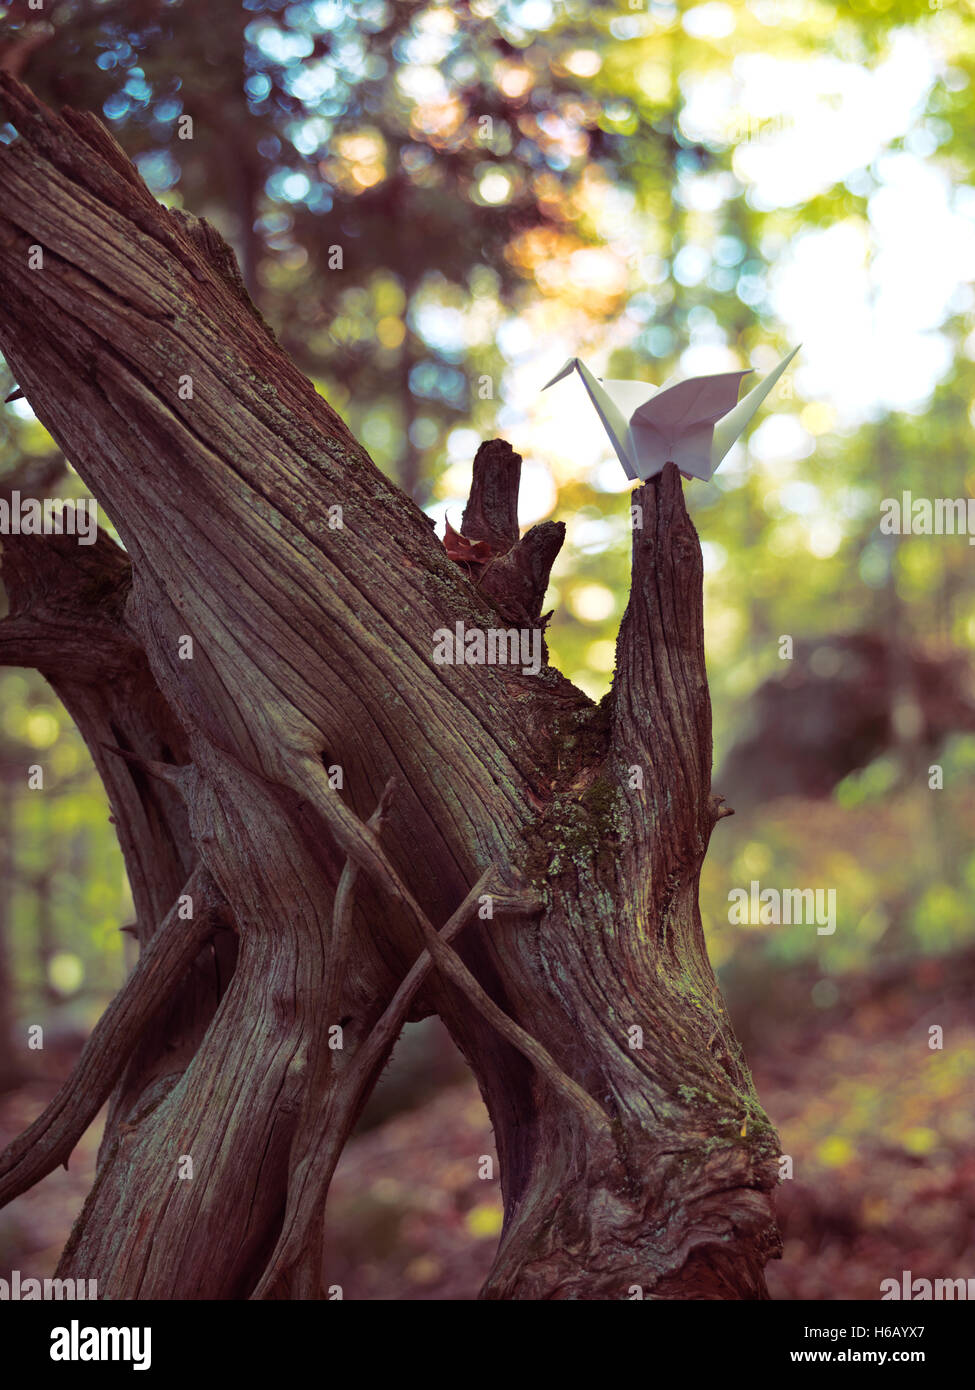 Origami Papier Kran sitzt auf einem getrockneten Baum im Herbst Natur Landschaft Stockbild